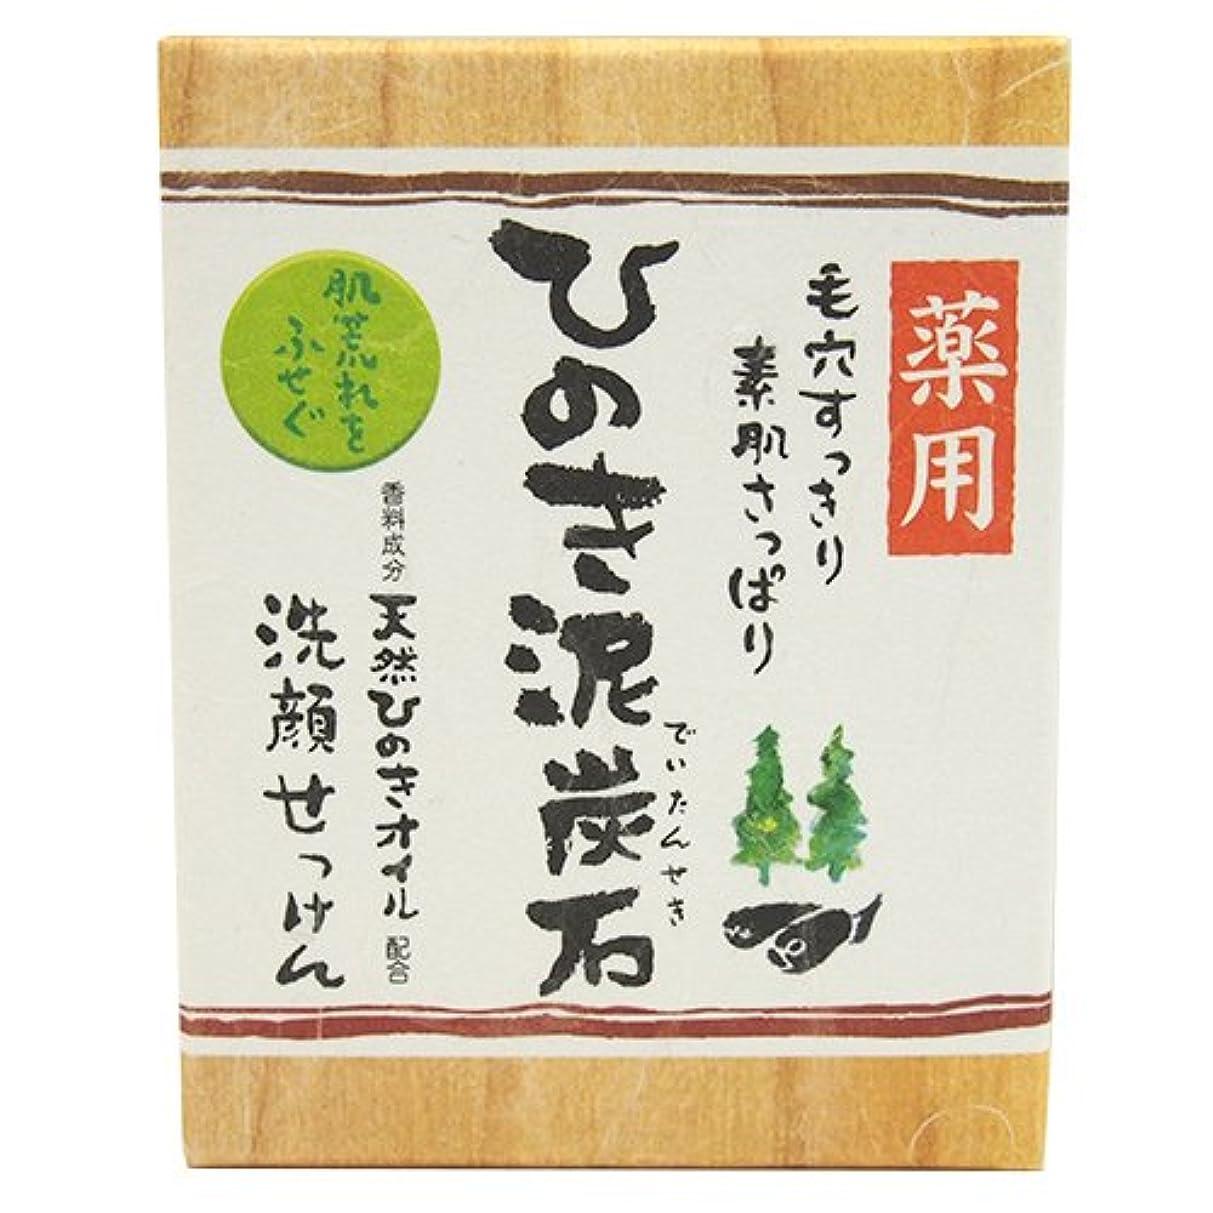 適切に落ち込んでいるランダム東京宝 薬用ひのき泥炭石 すっきり黒タイプ 洗顔石鹸 75g